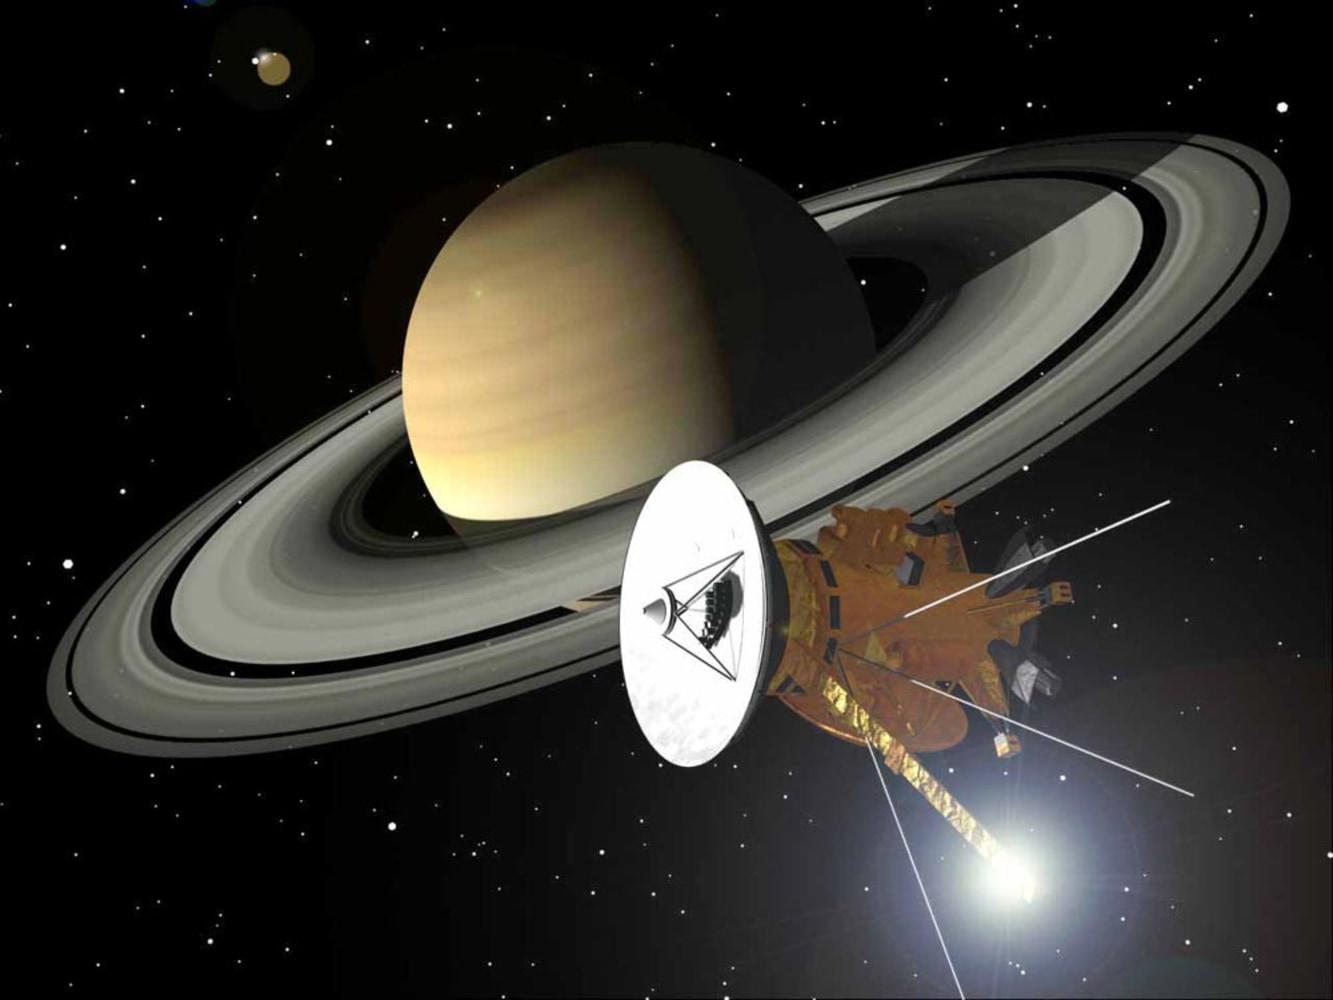 Image Artist S Concept Of Cassini Spacecraft